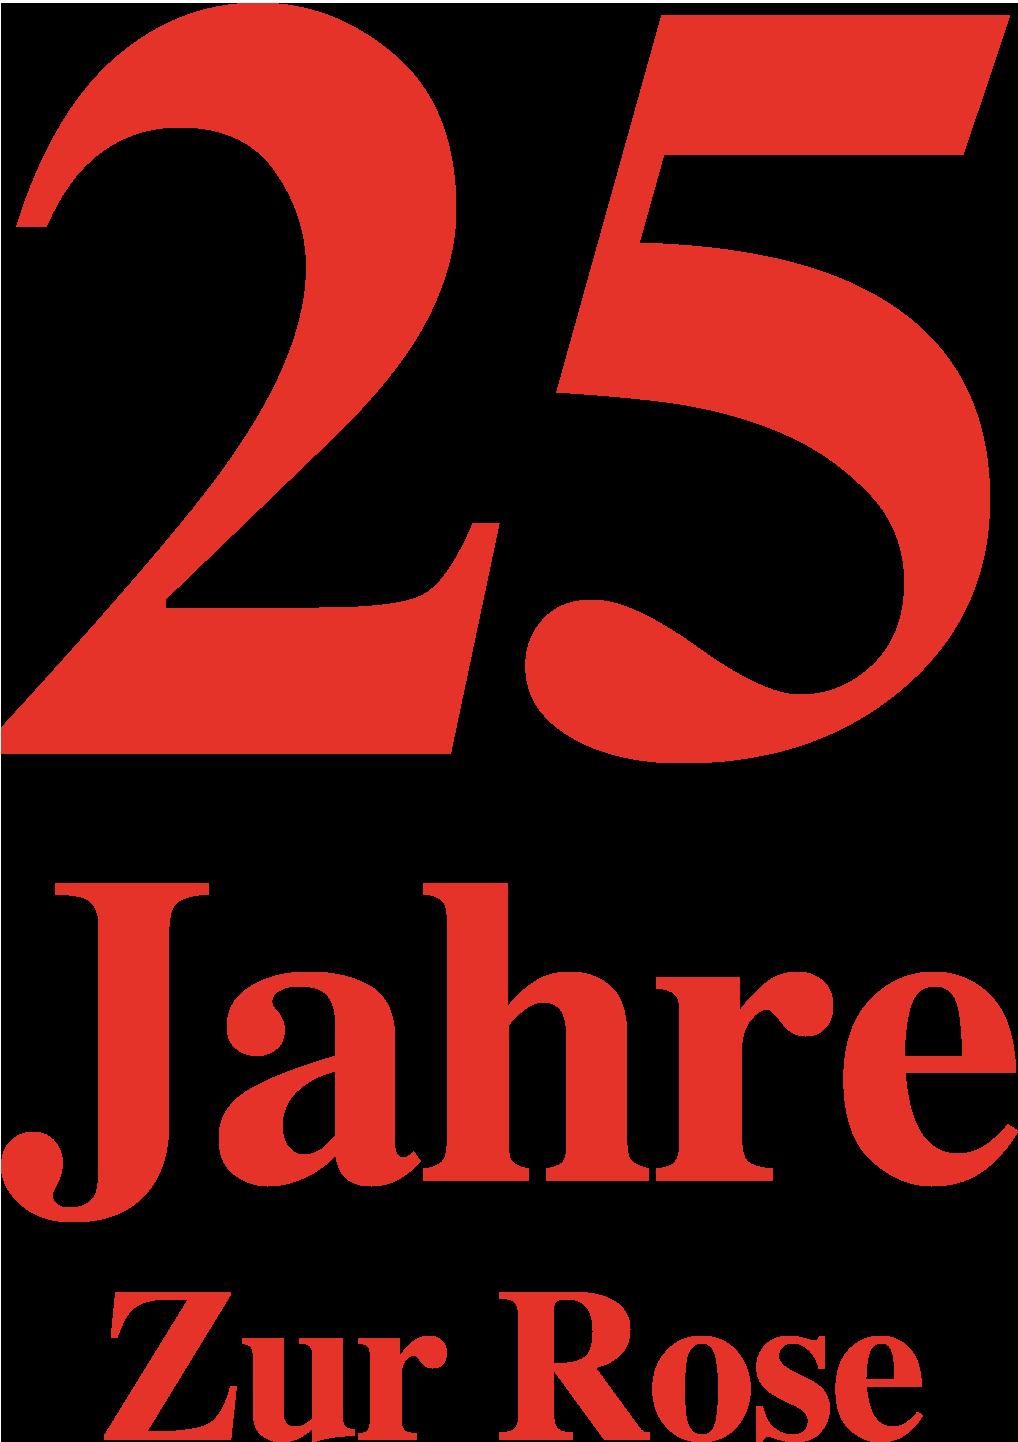 25-Jahr-Jubiläumslogo